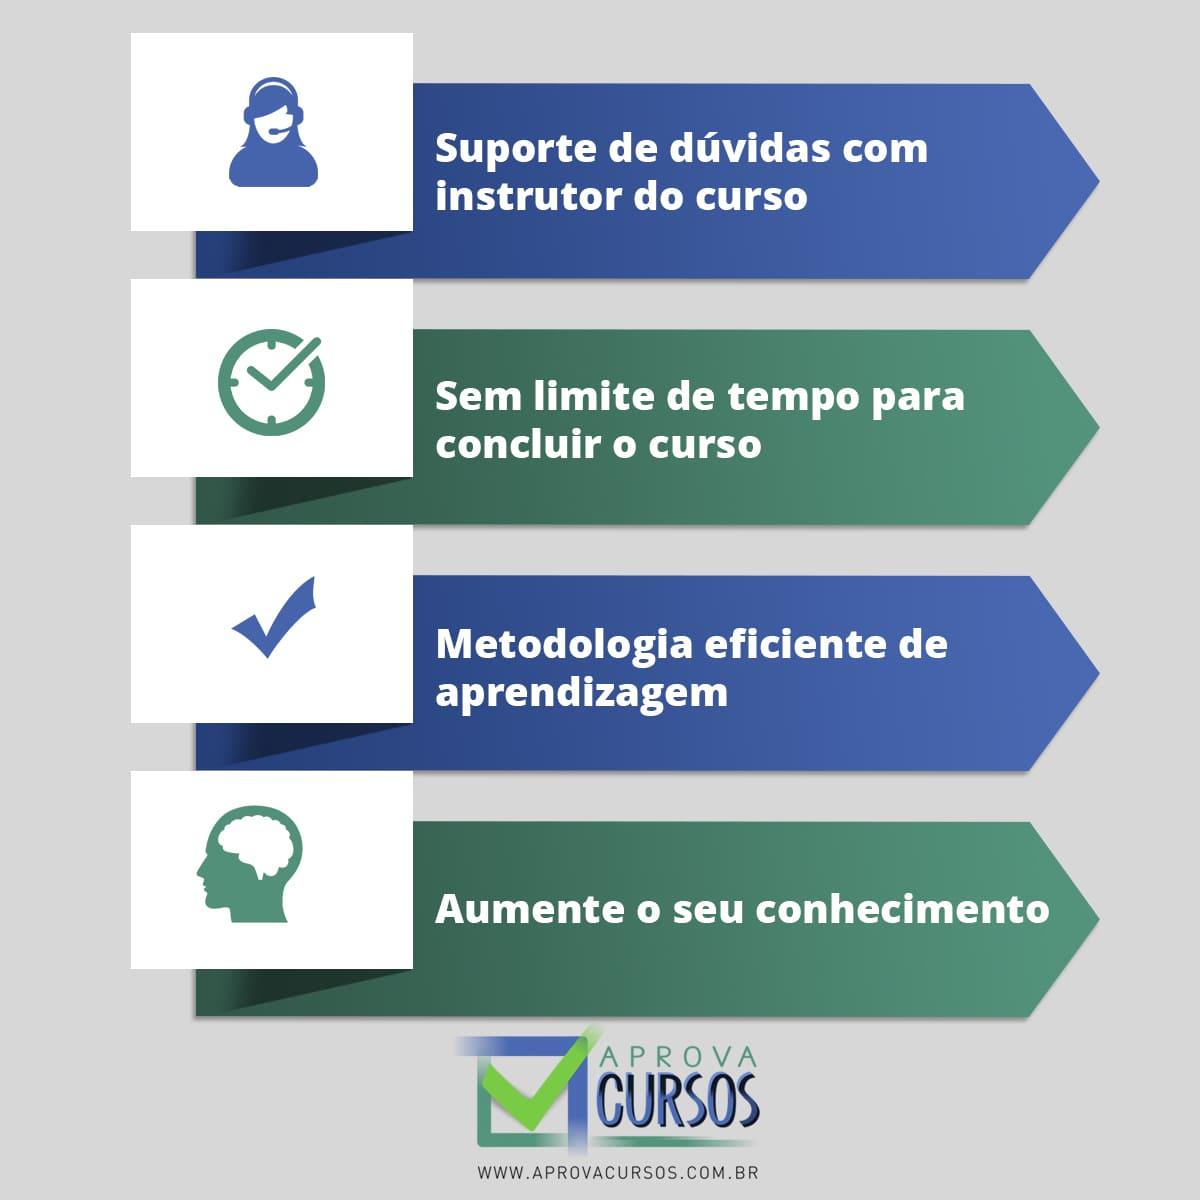 Curso Online de Farmacologia Básica com Certificado  - Aprova Cursos